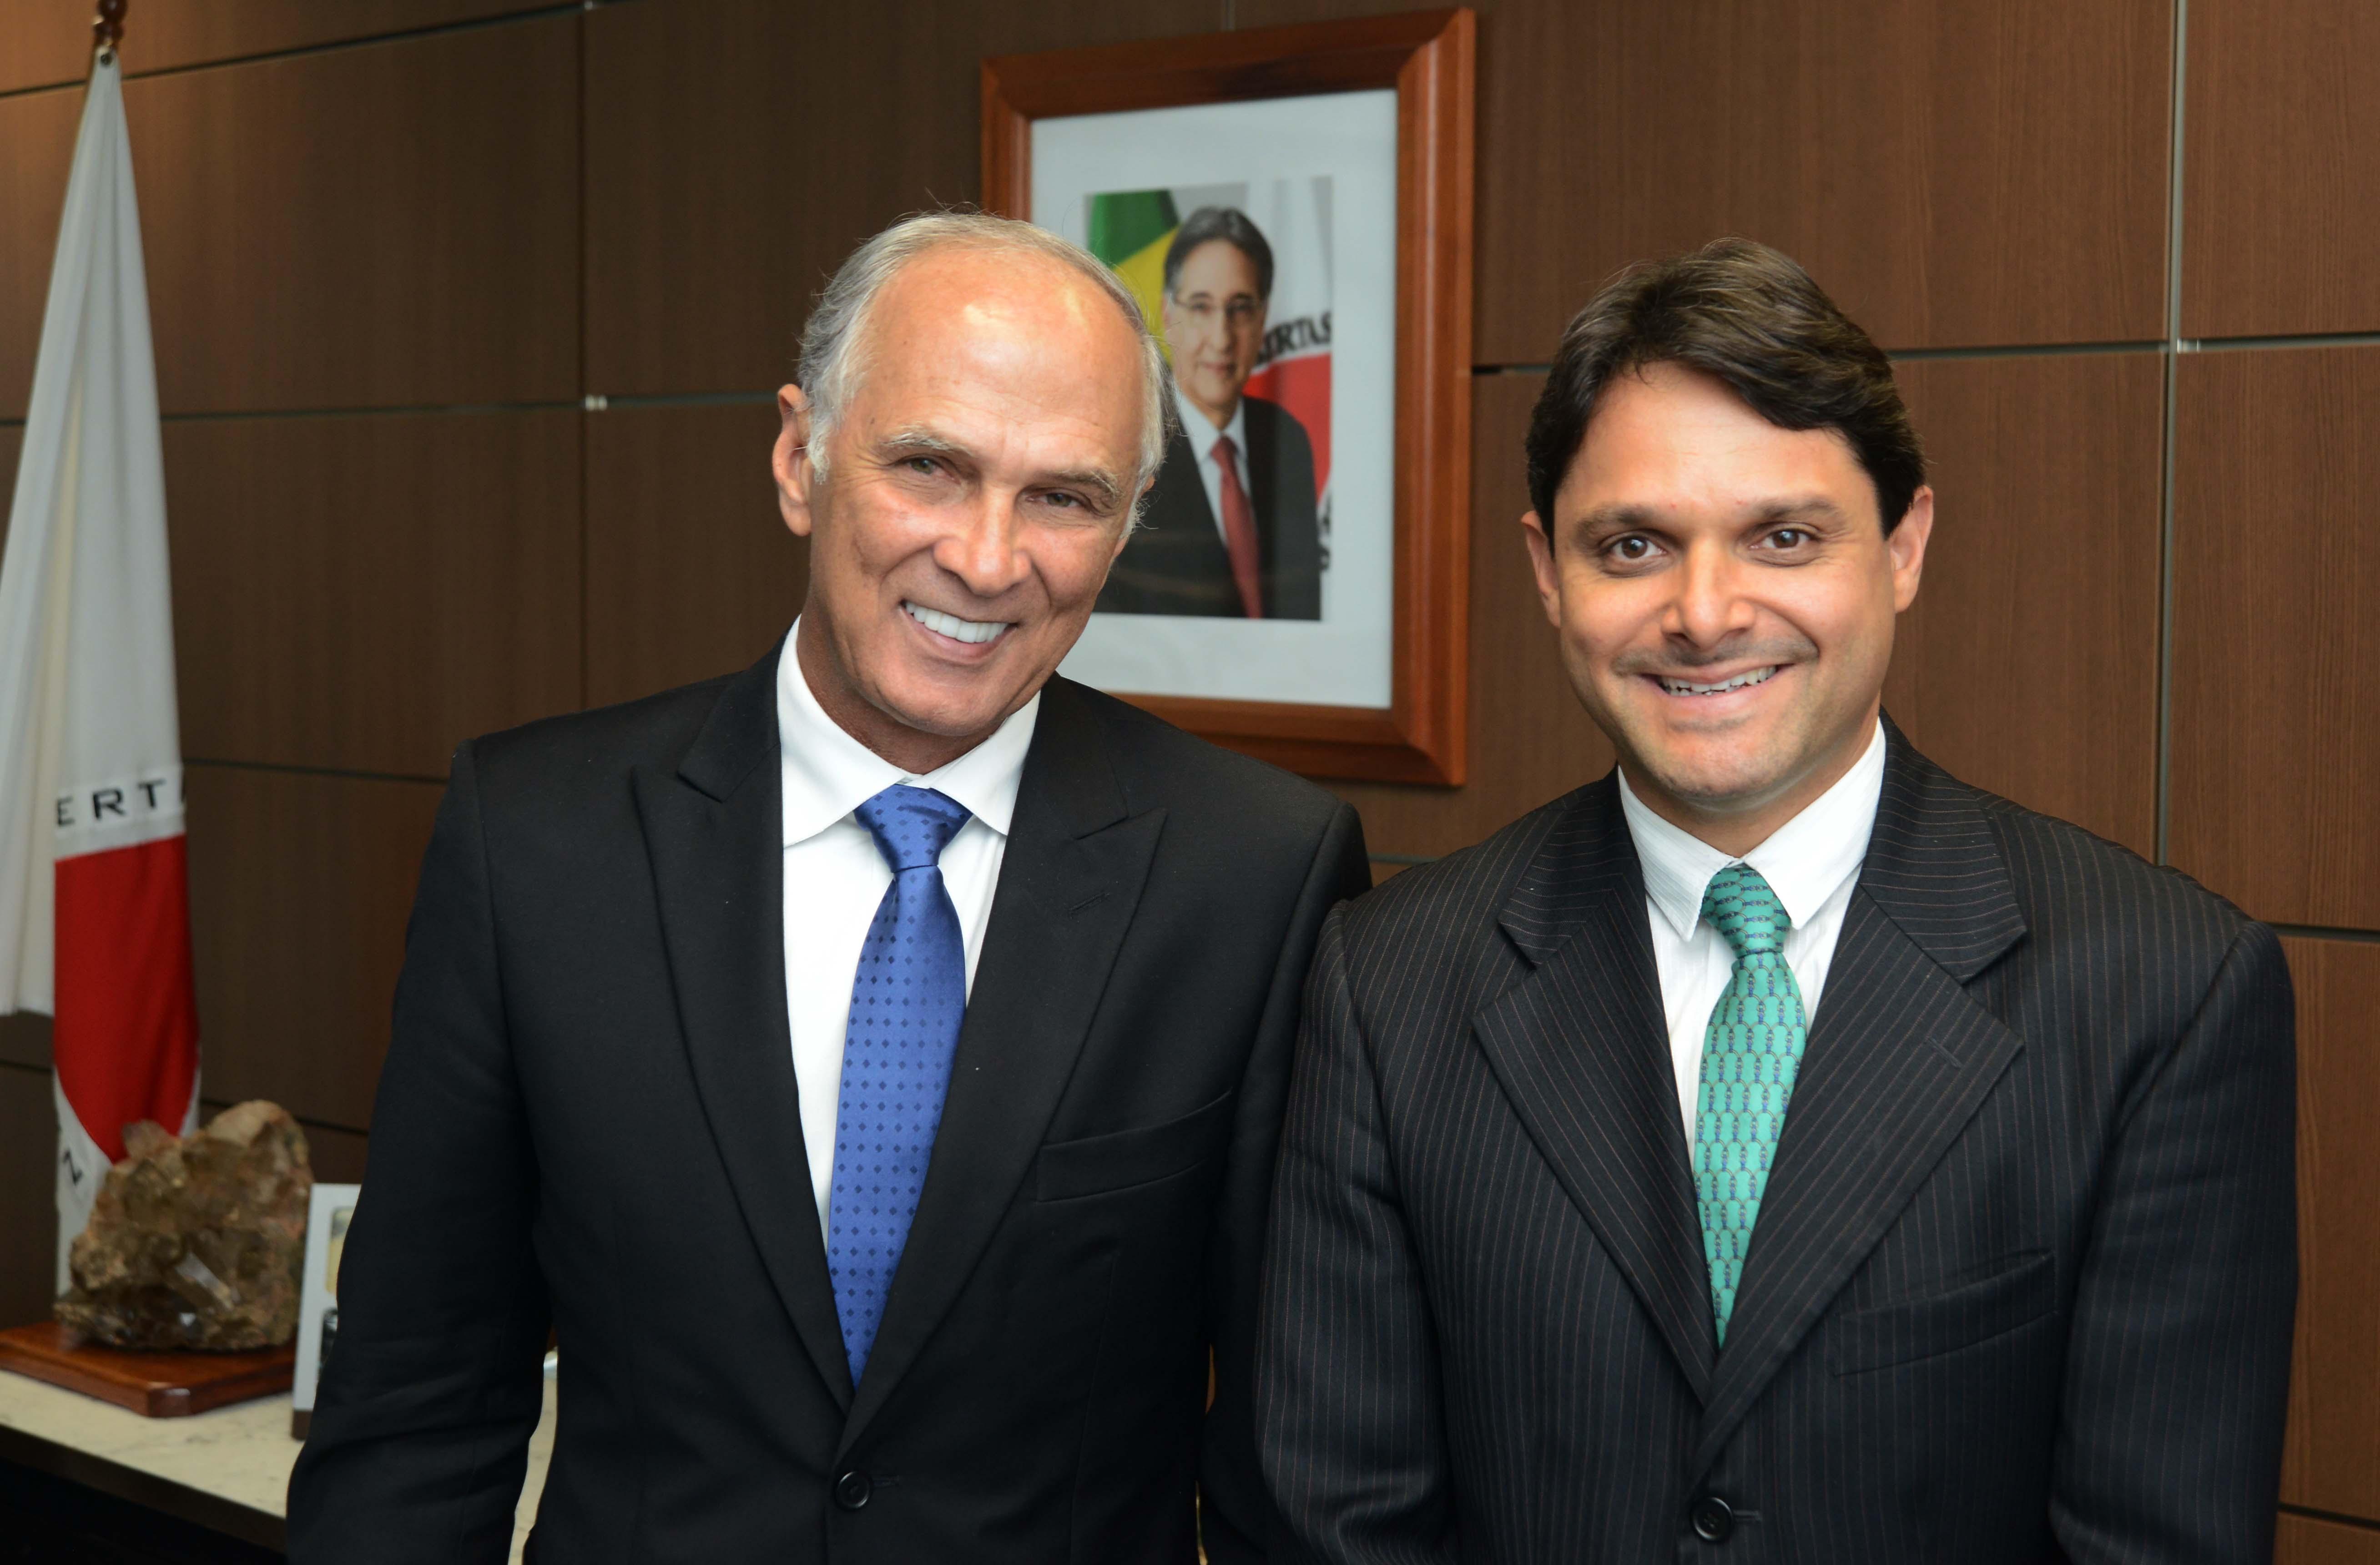 Audiencia com Presidente da Camara dos Vereadores da Cidade de Varginha,Romulo Azevedo. Credito:Renato Cobucci / Imprensa-MG